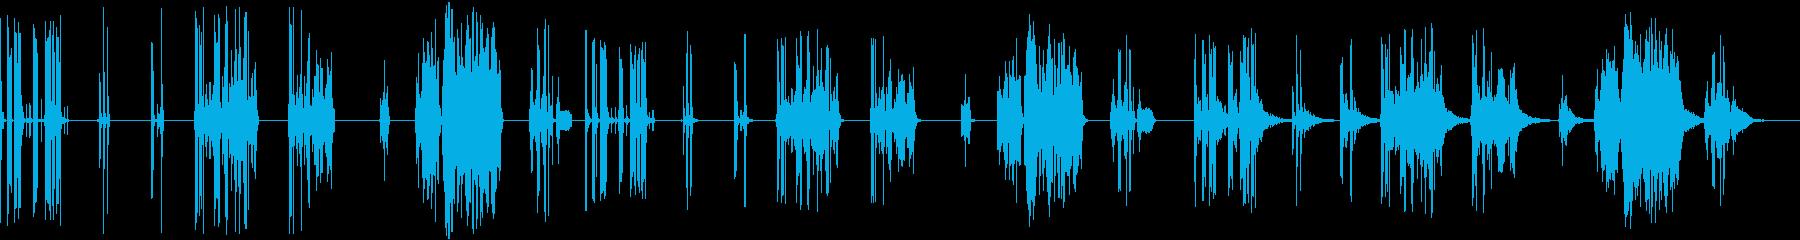 サンプル&ホールド、7バージョンX...の再生済みの波形